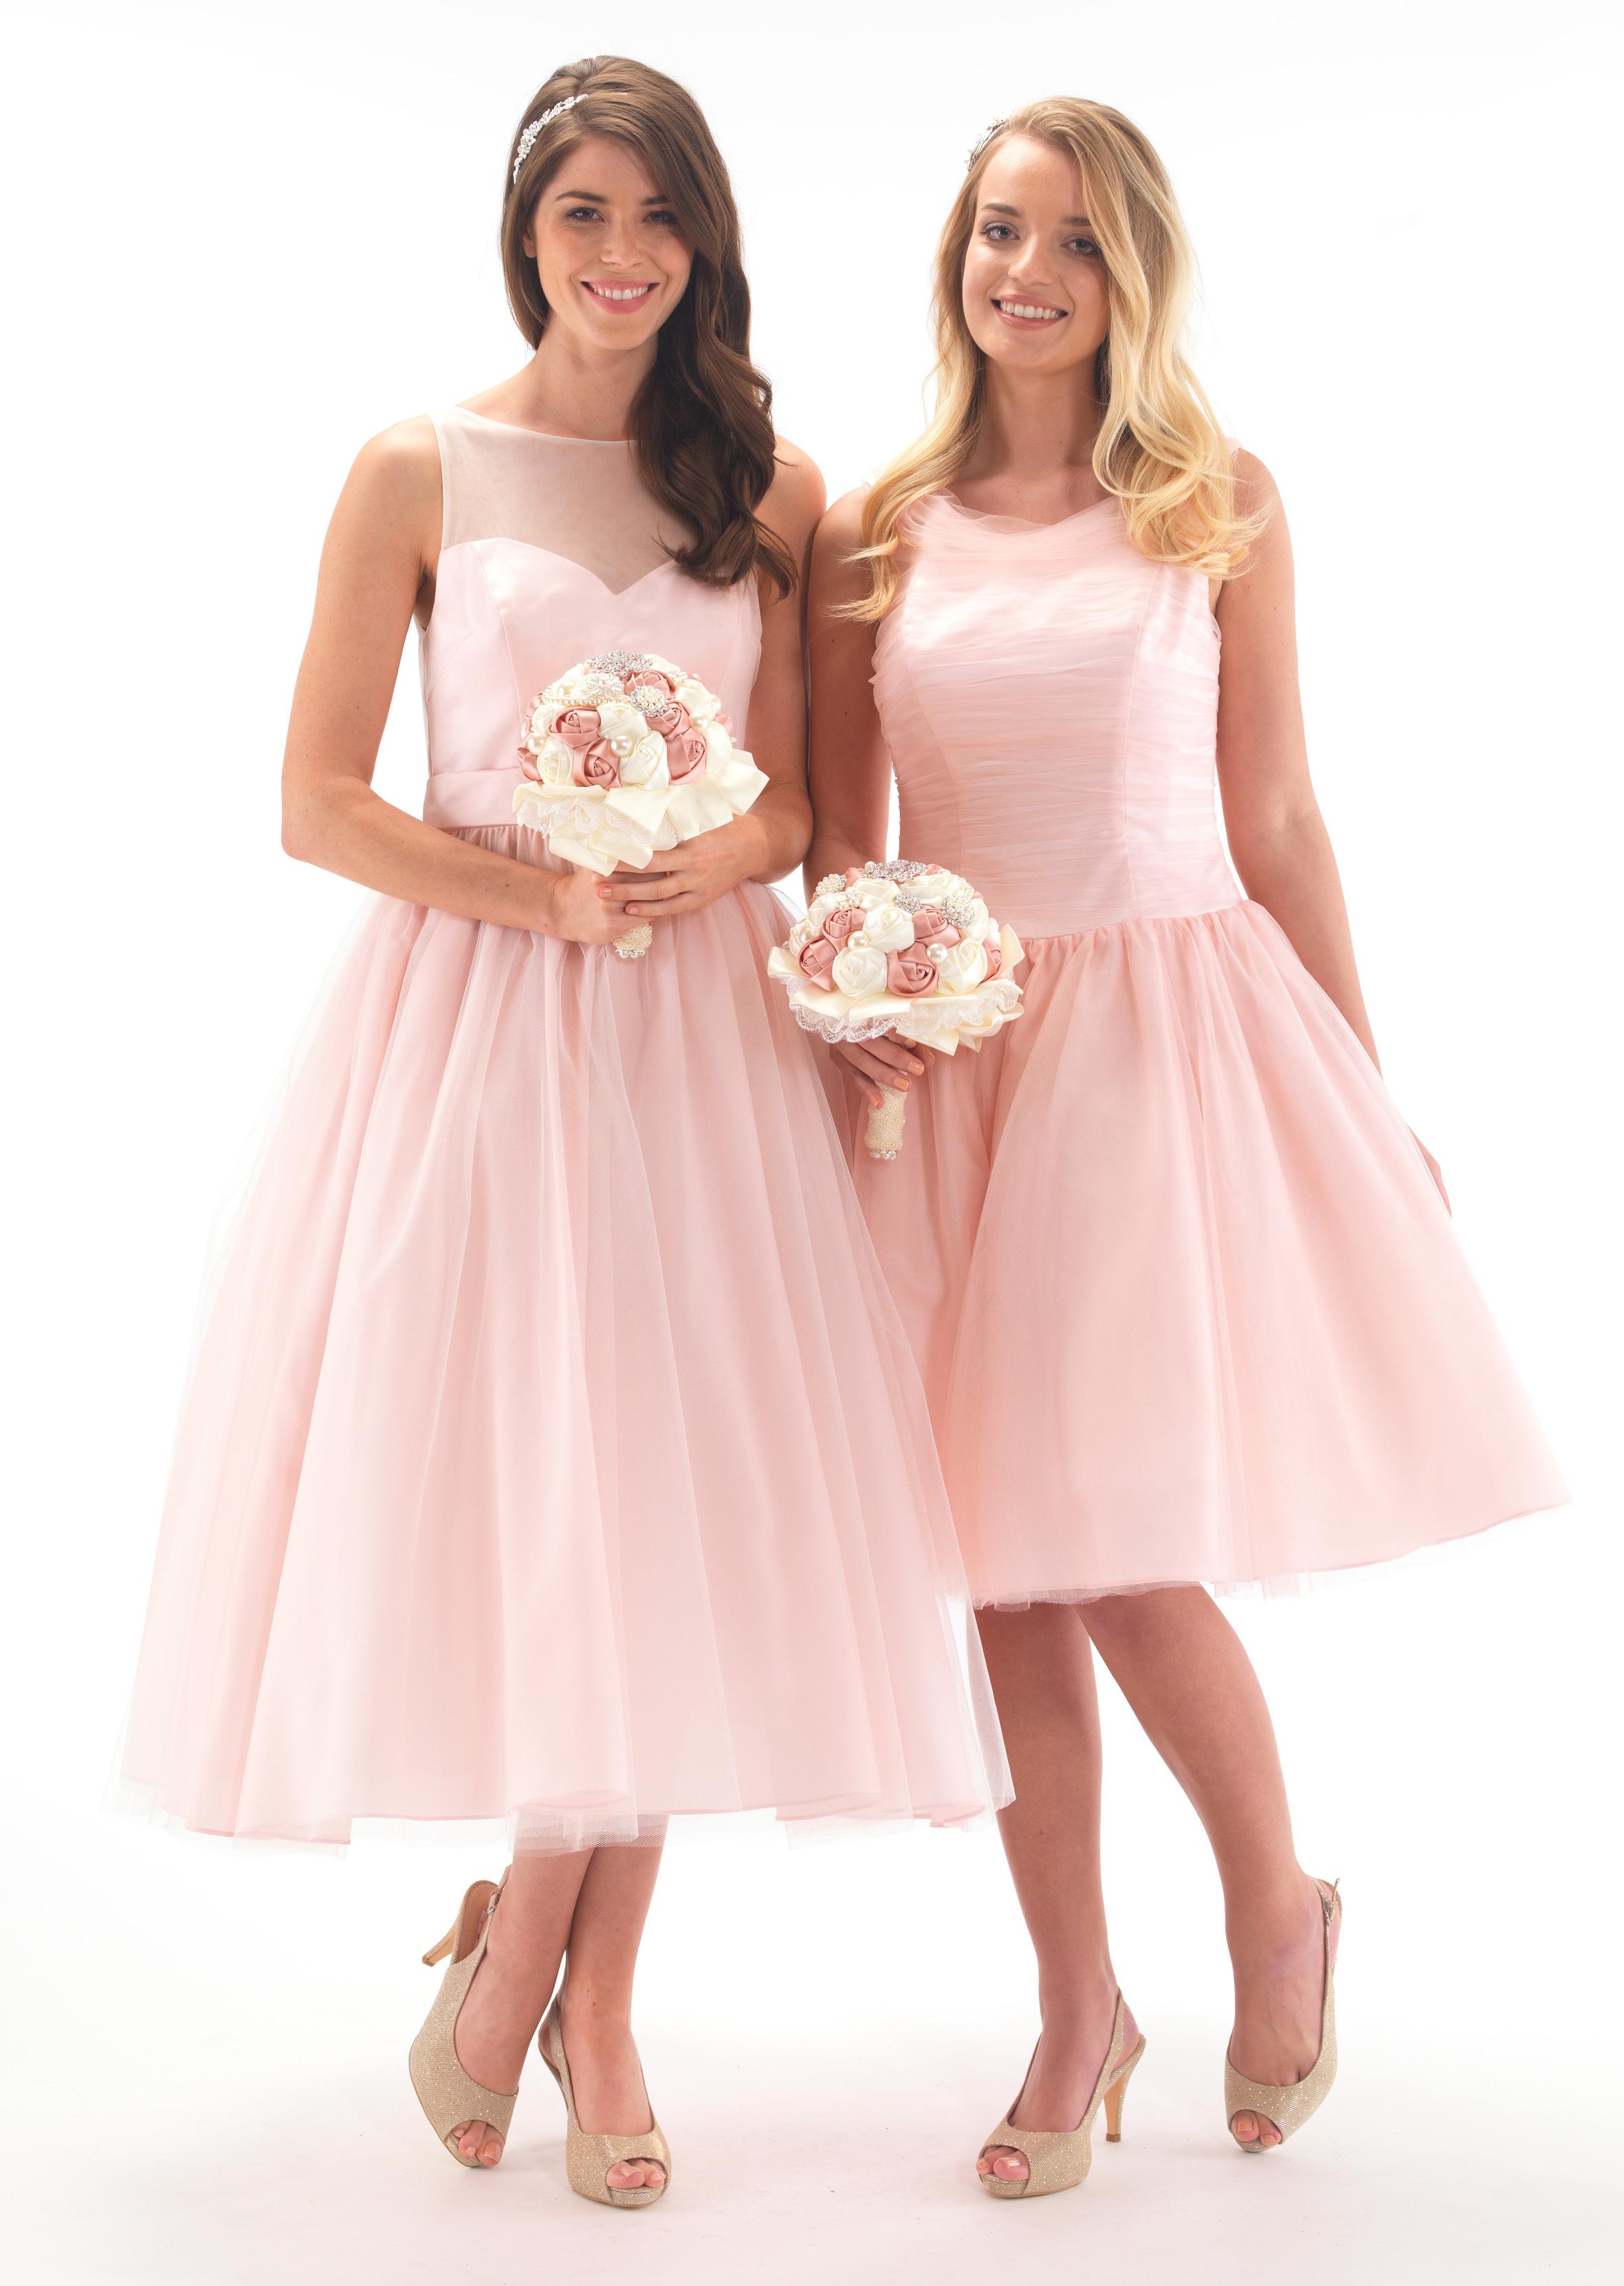 Perfecto Wedding Dresses Farnham Foto - Ideas de Vestido para La ...